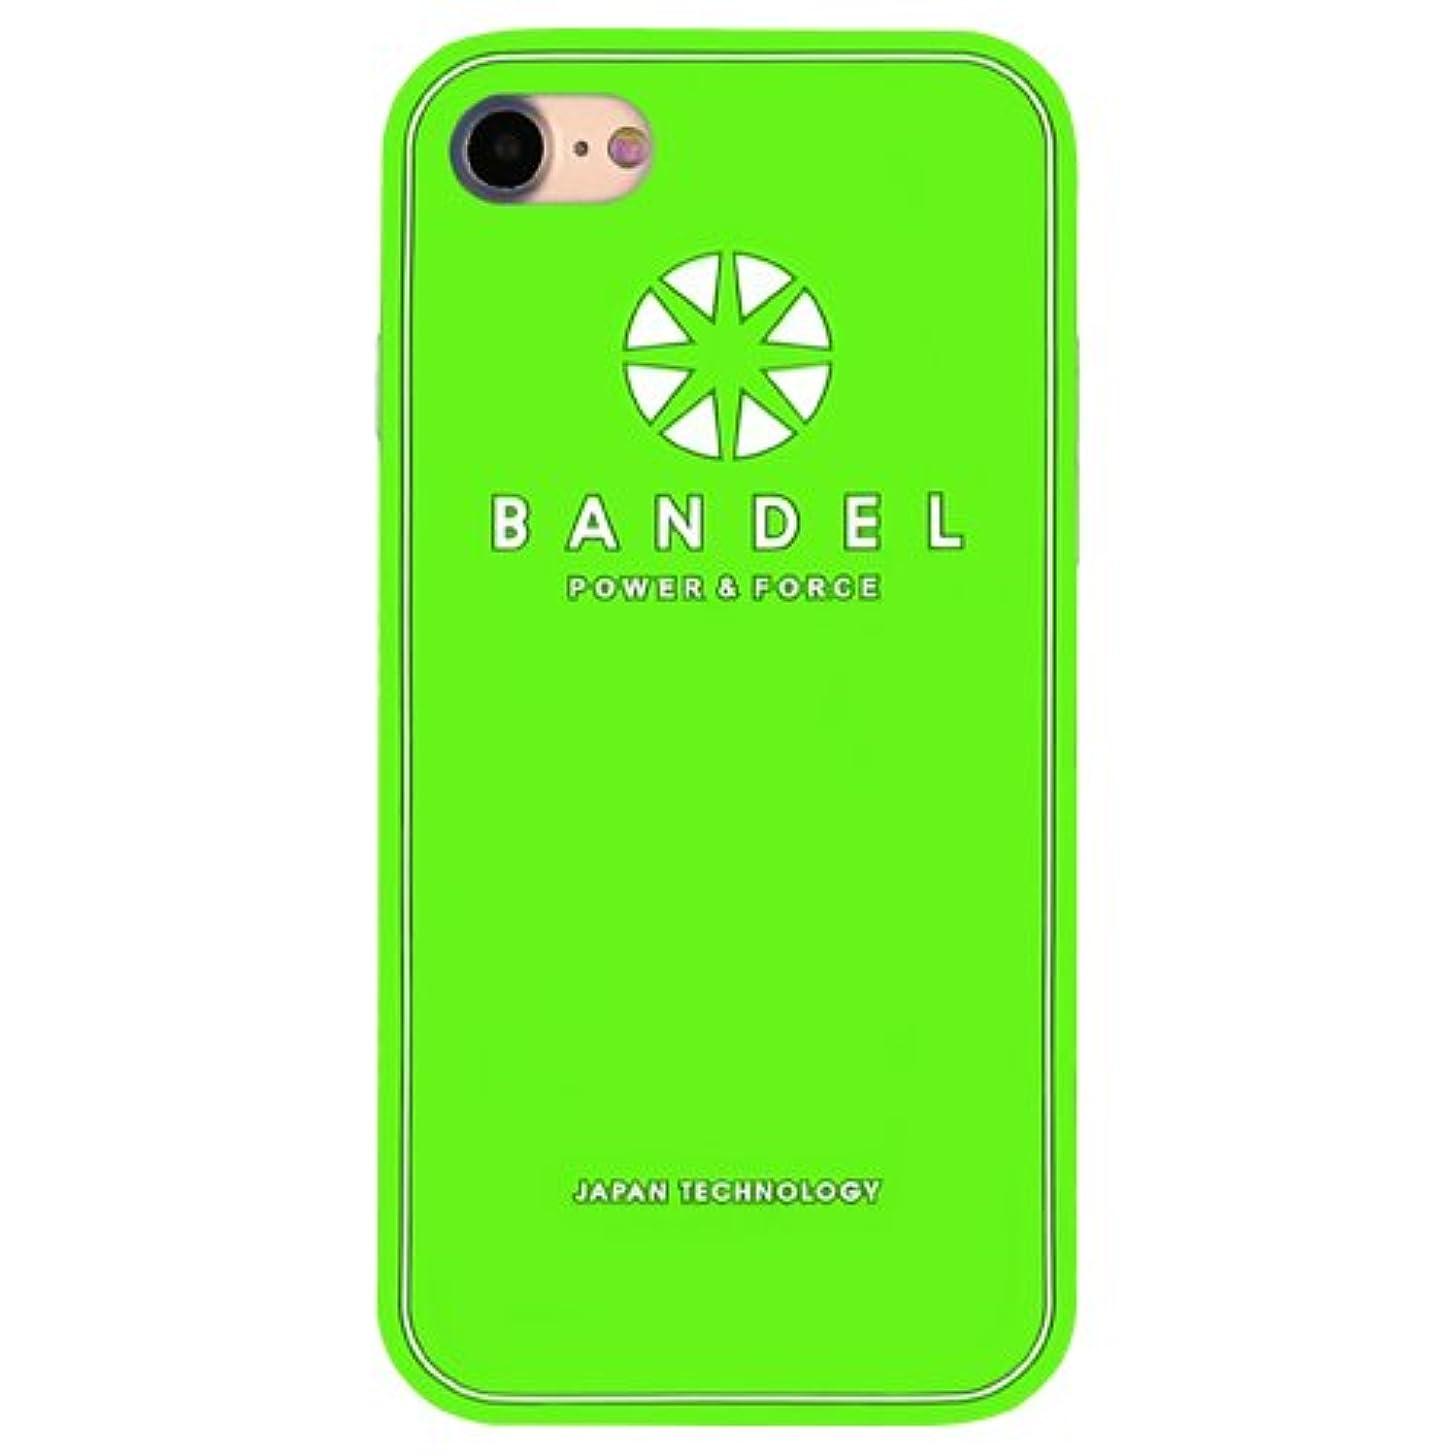 ソブリケット主導権深さバンデル(BANDEL) ロゴ iPhone 8 Plus専用 シリコンケース [グリーン×ホワイト]